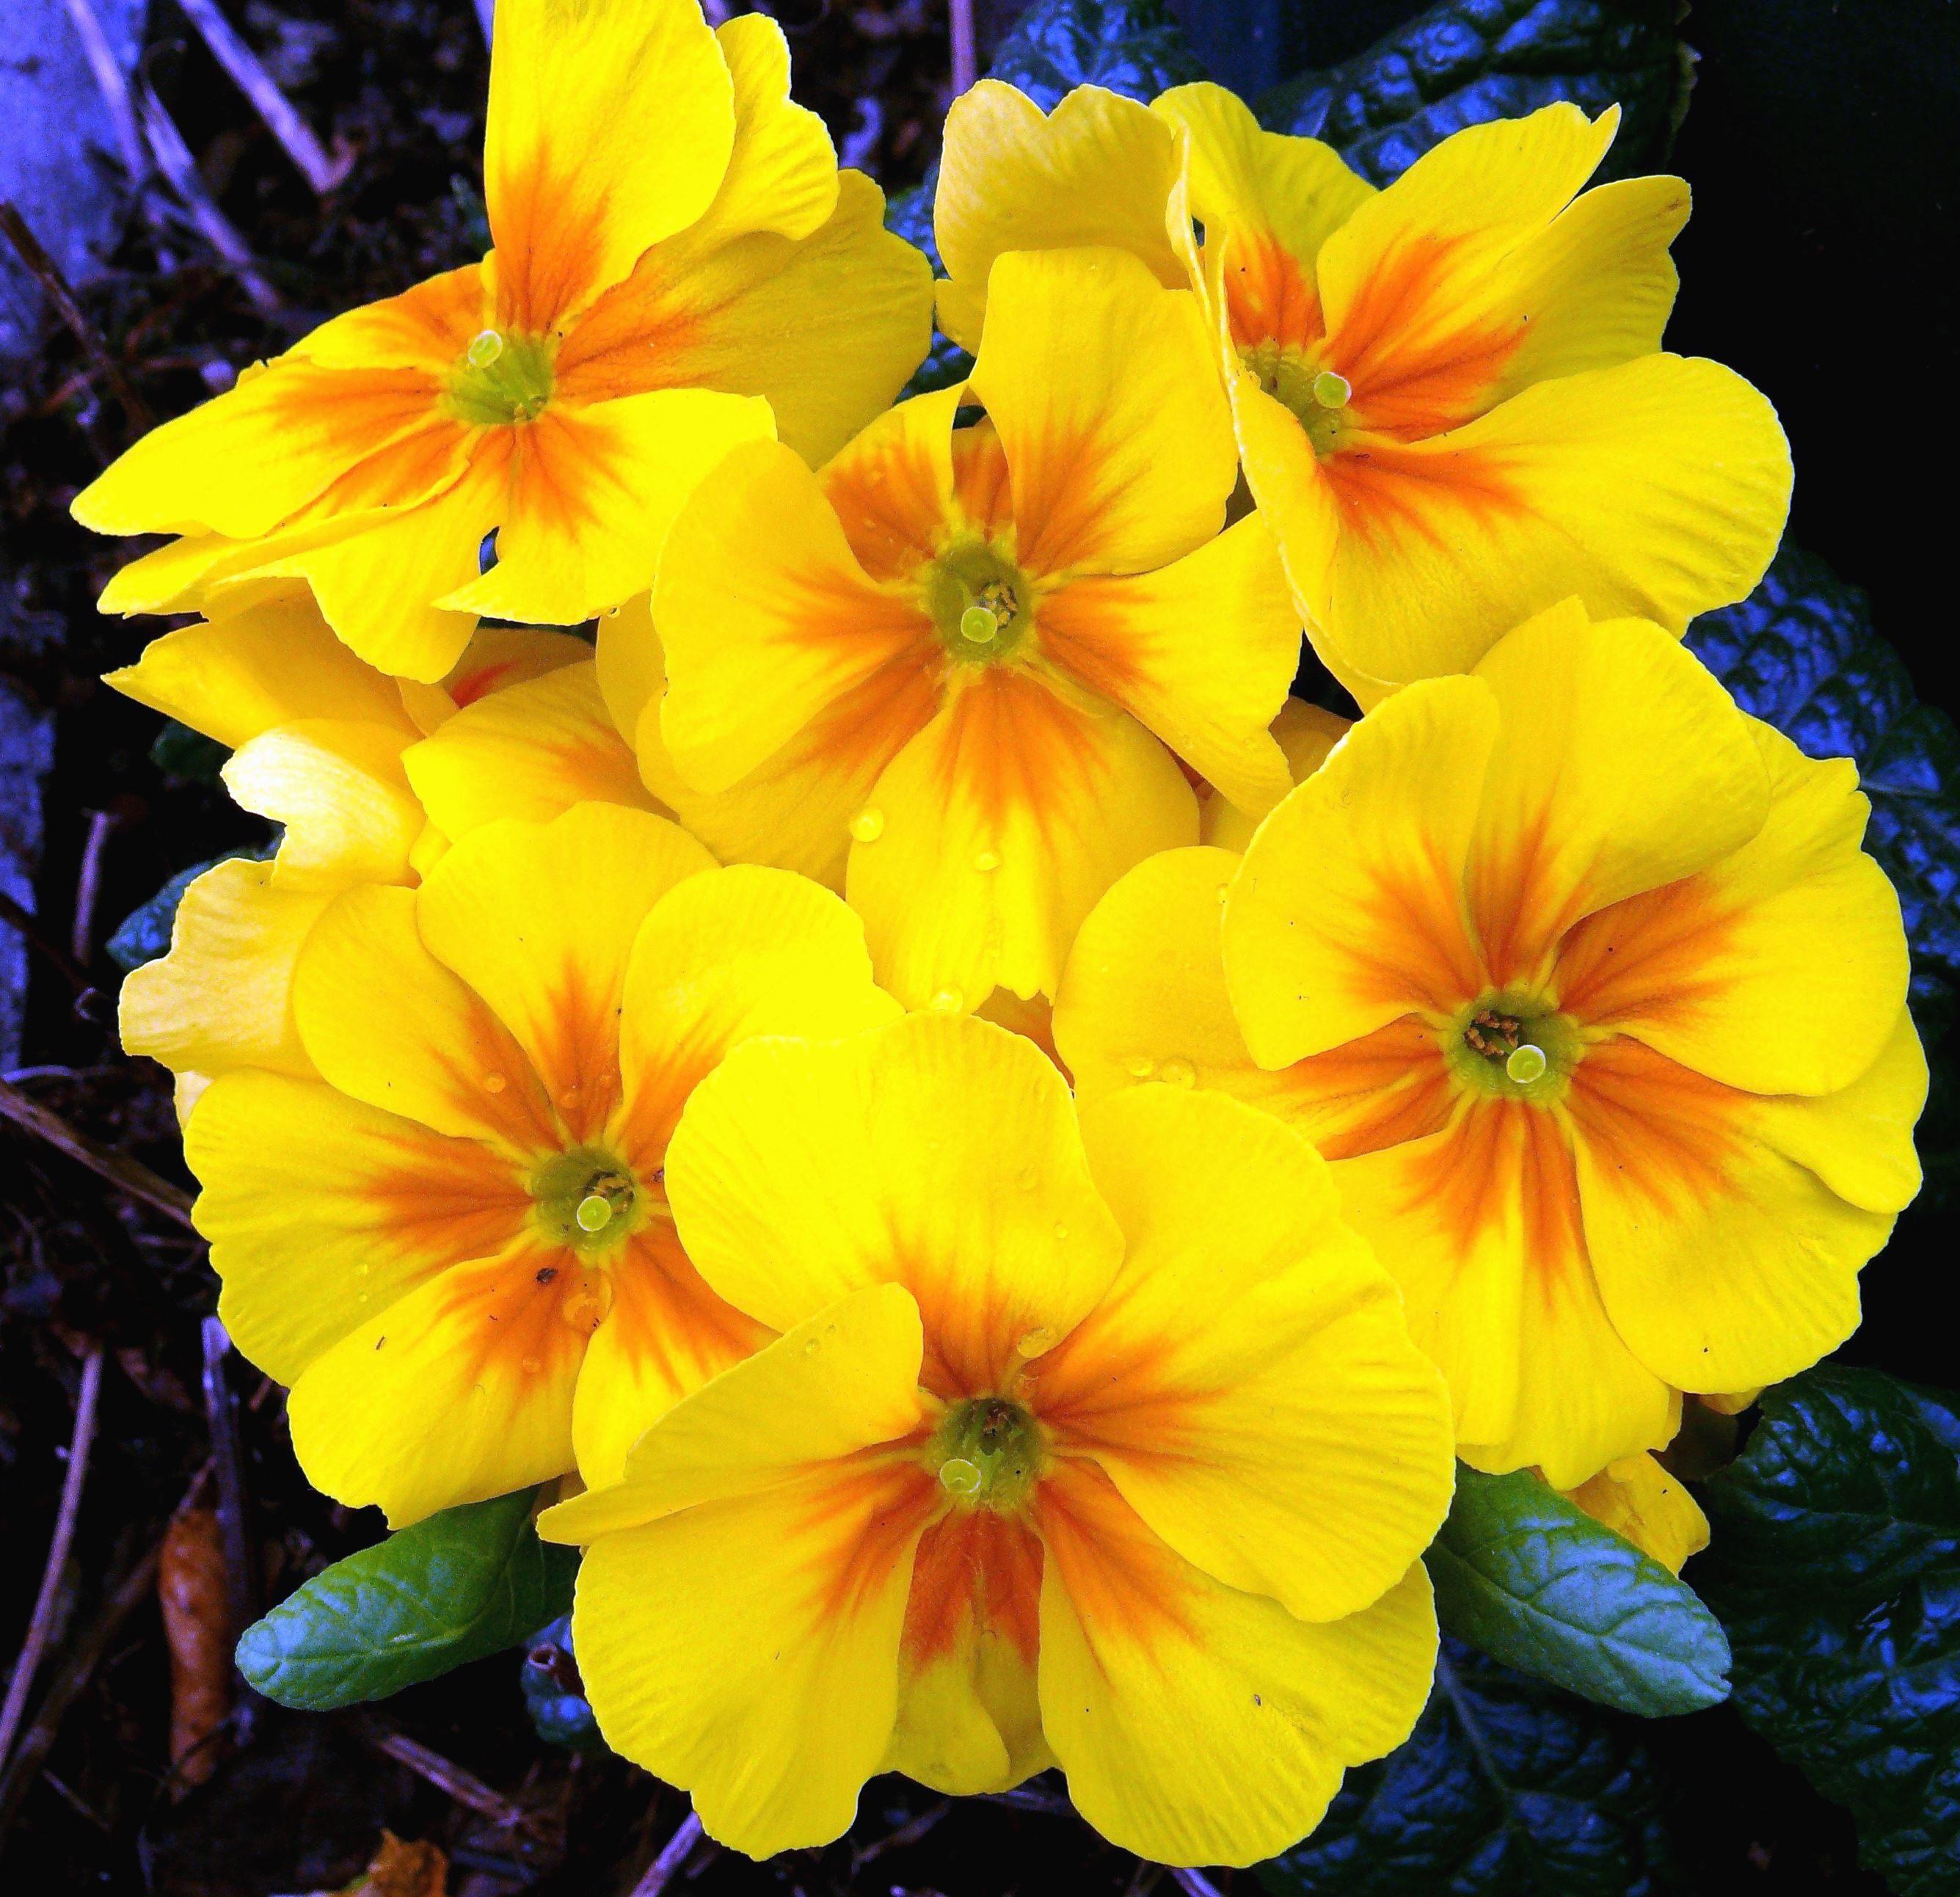 Fiori Gialli In Primavera.Foto Gratis Fiore Giallo Fioritura Petali Primavera